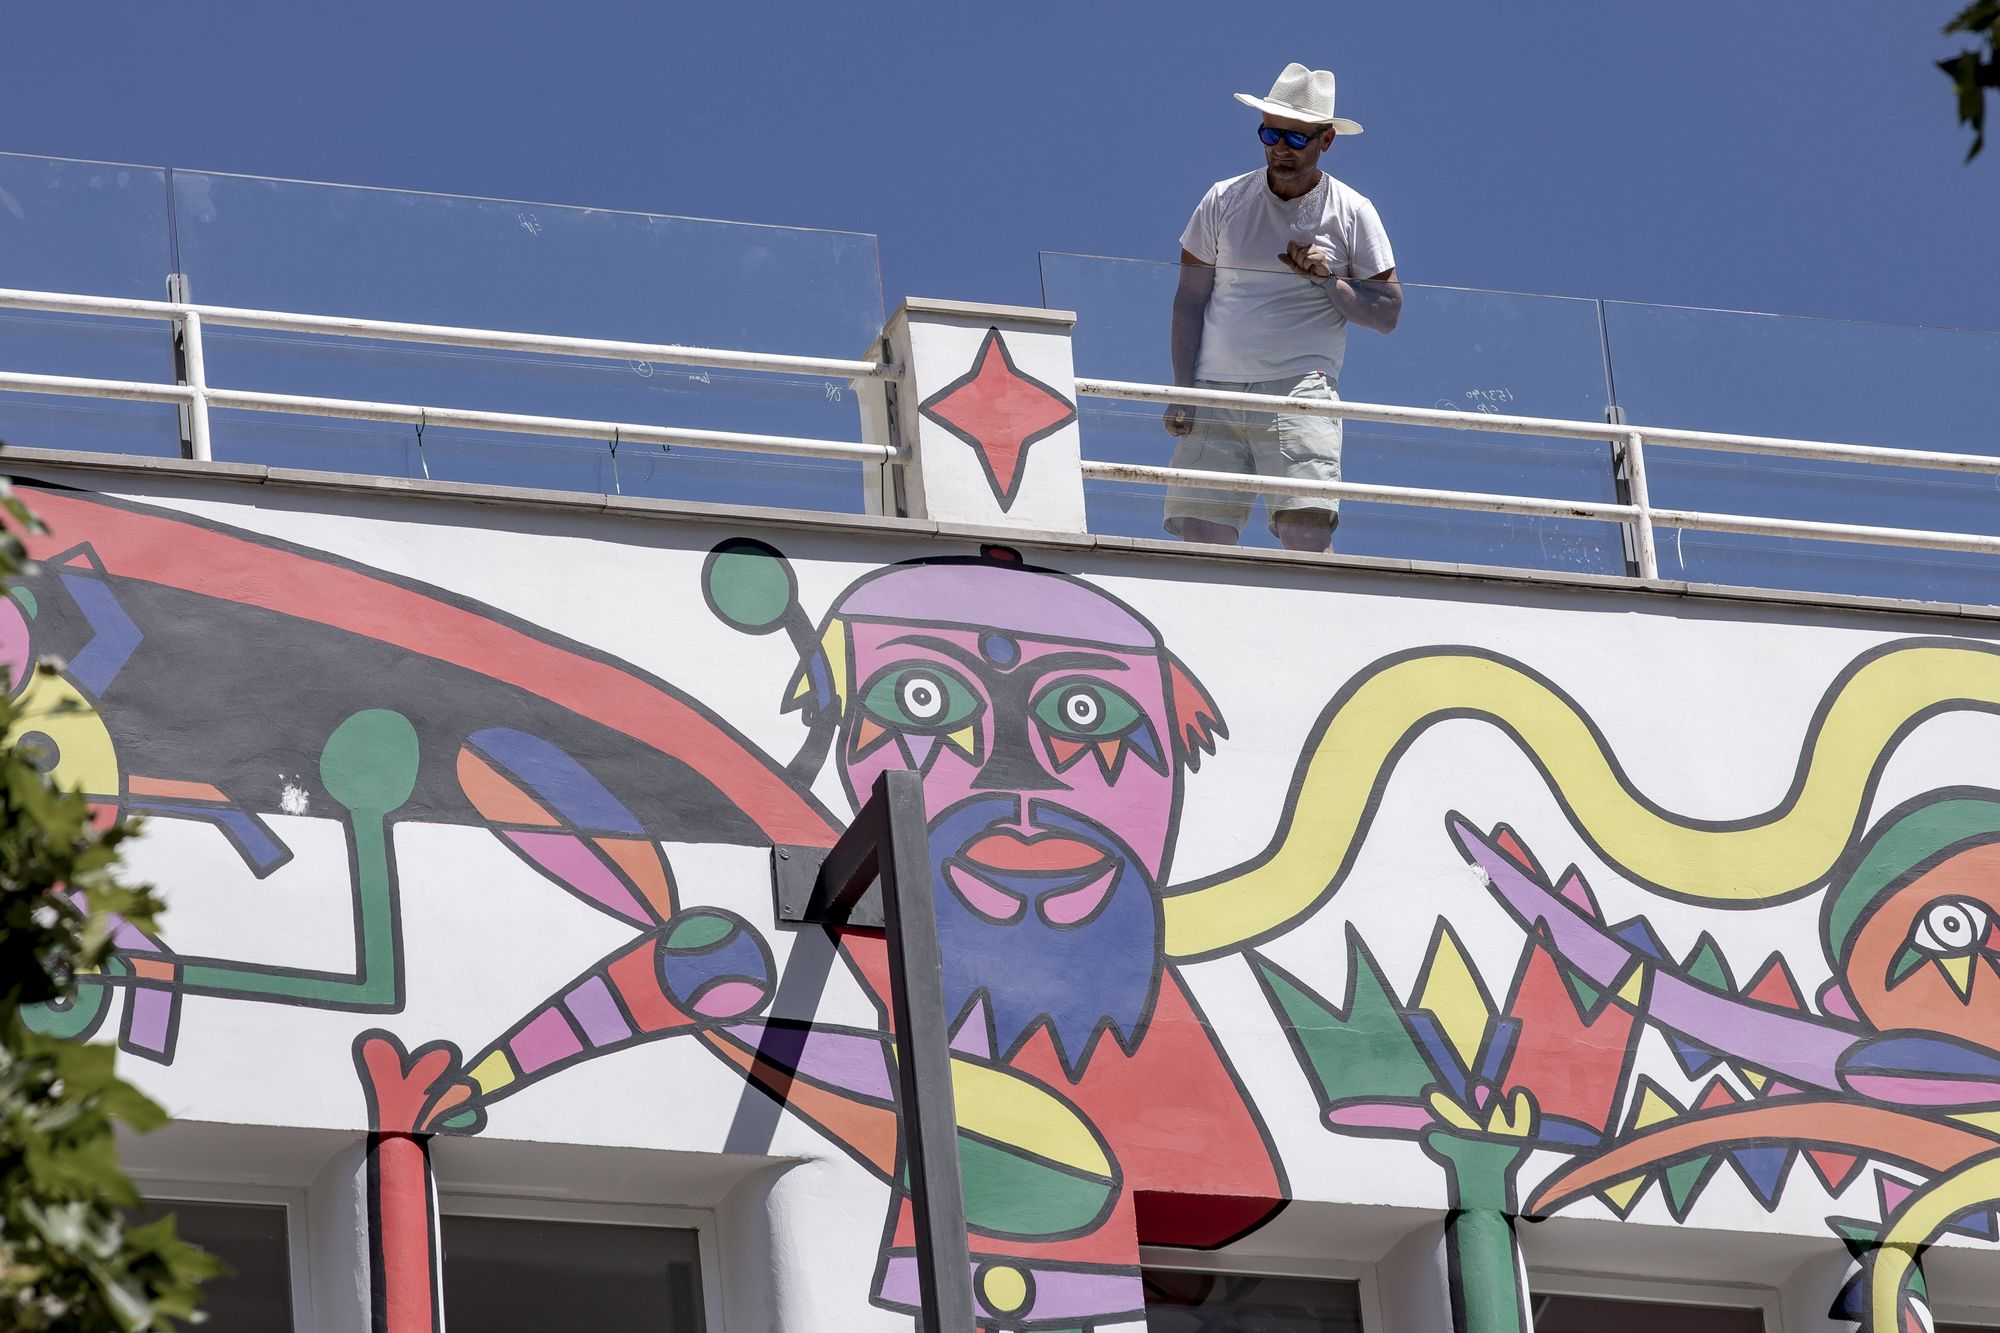 El Hotel Artmadams ya muestra el mural de Mesas